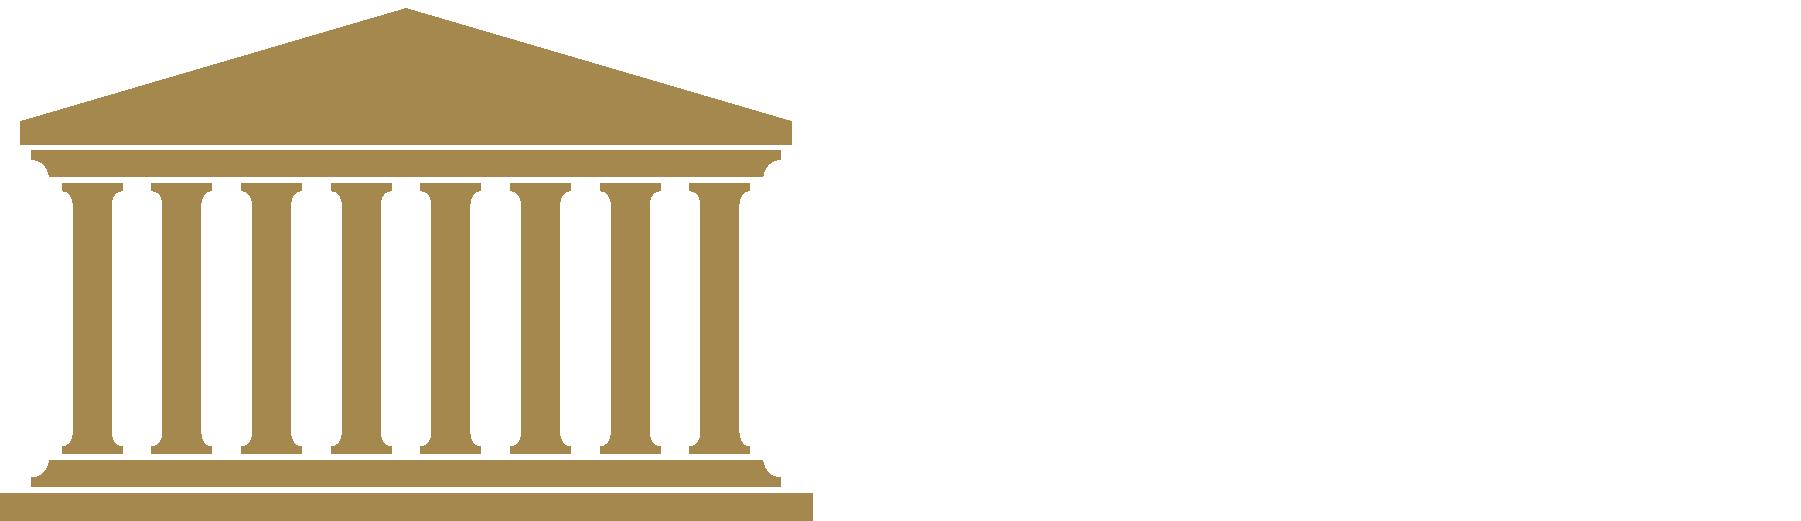 delfi_auctions